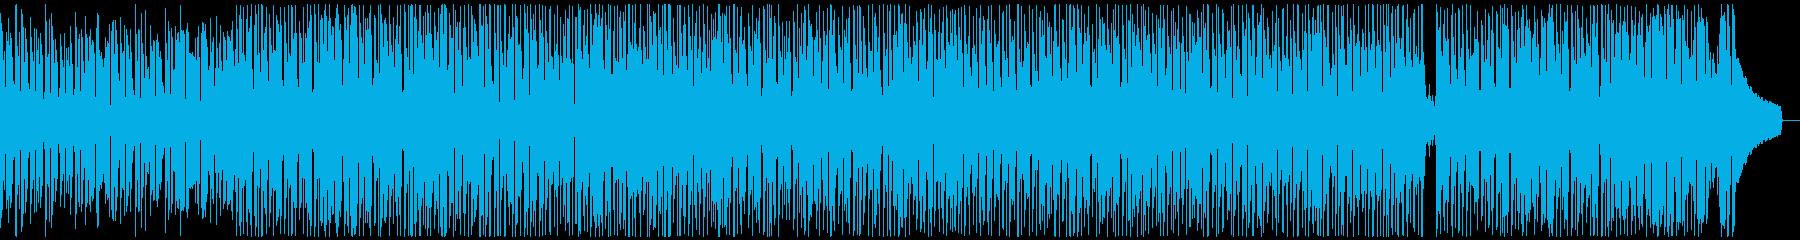 ウクレレと口笛の明るく楽しい元気なBGMの再生済みの波形